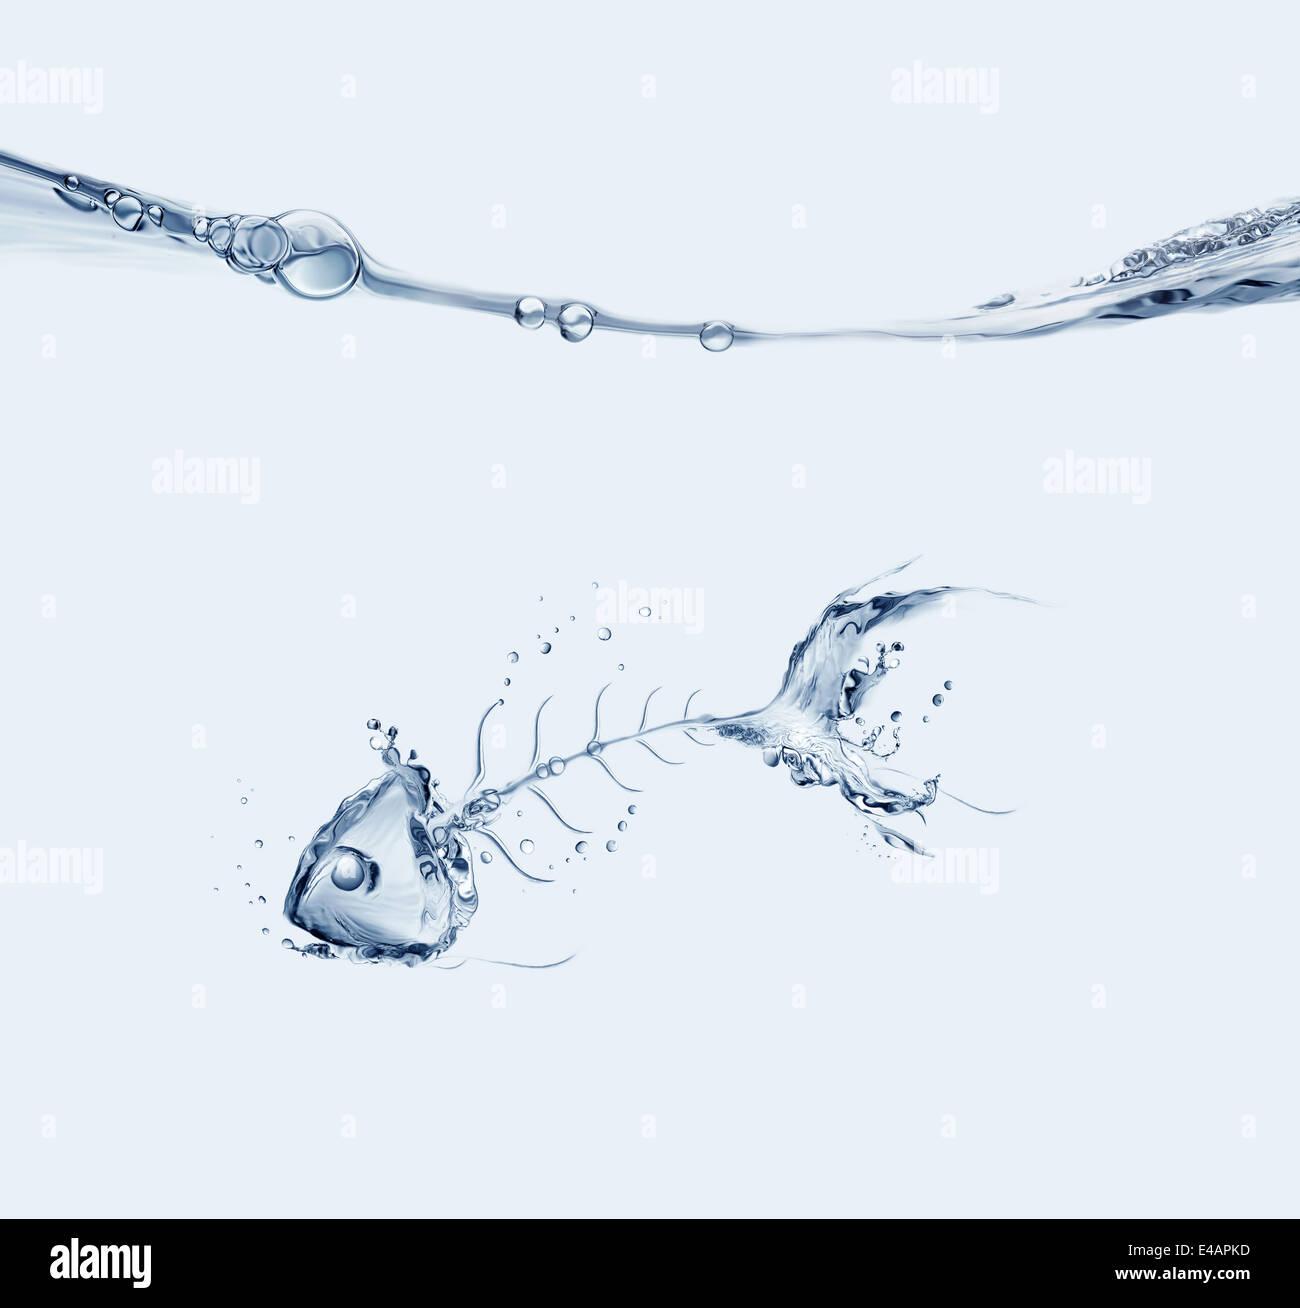 L'eau de couler dans une arête de l'eau bleue. Photo Stock